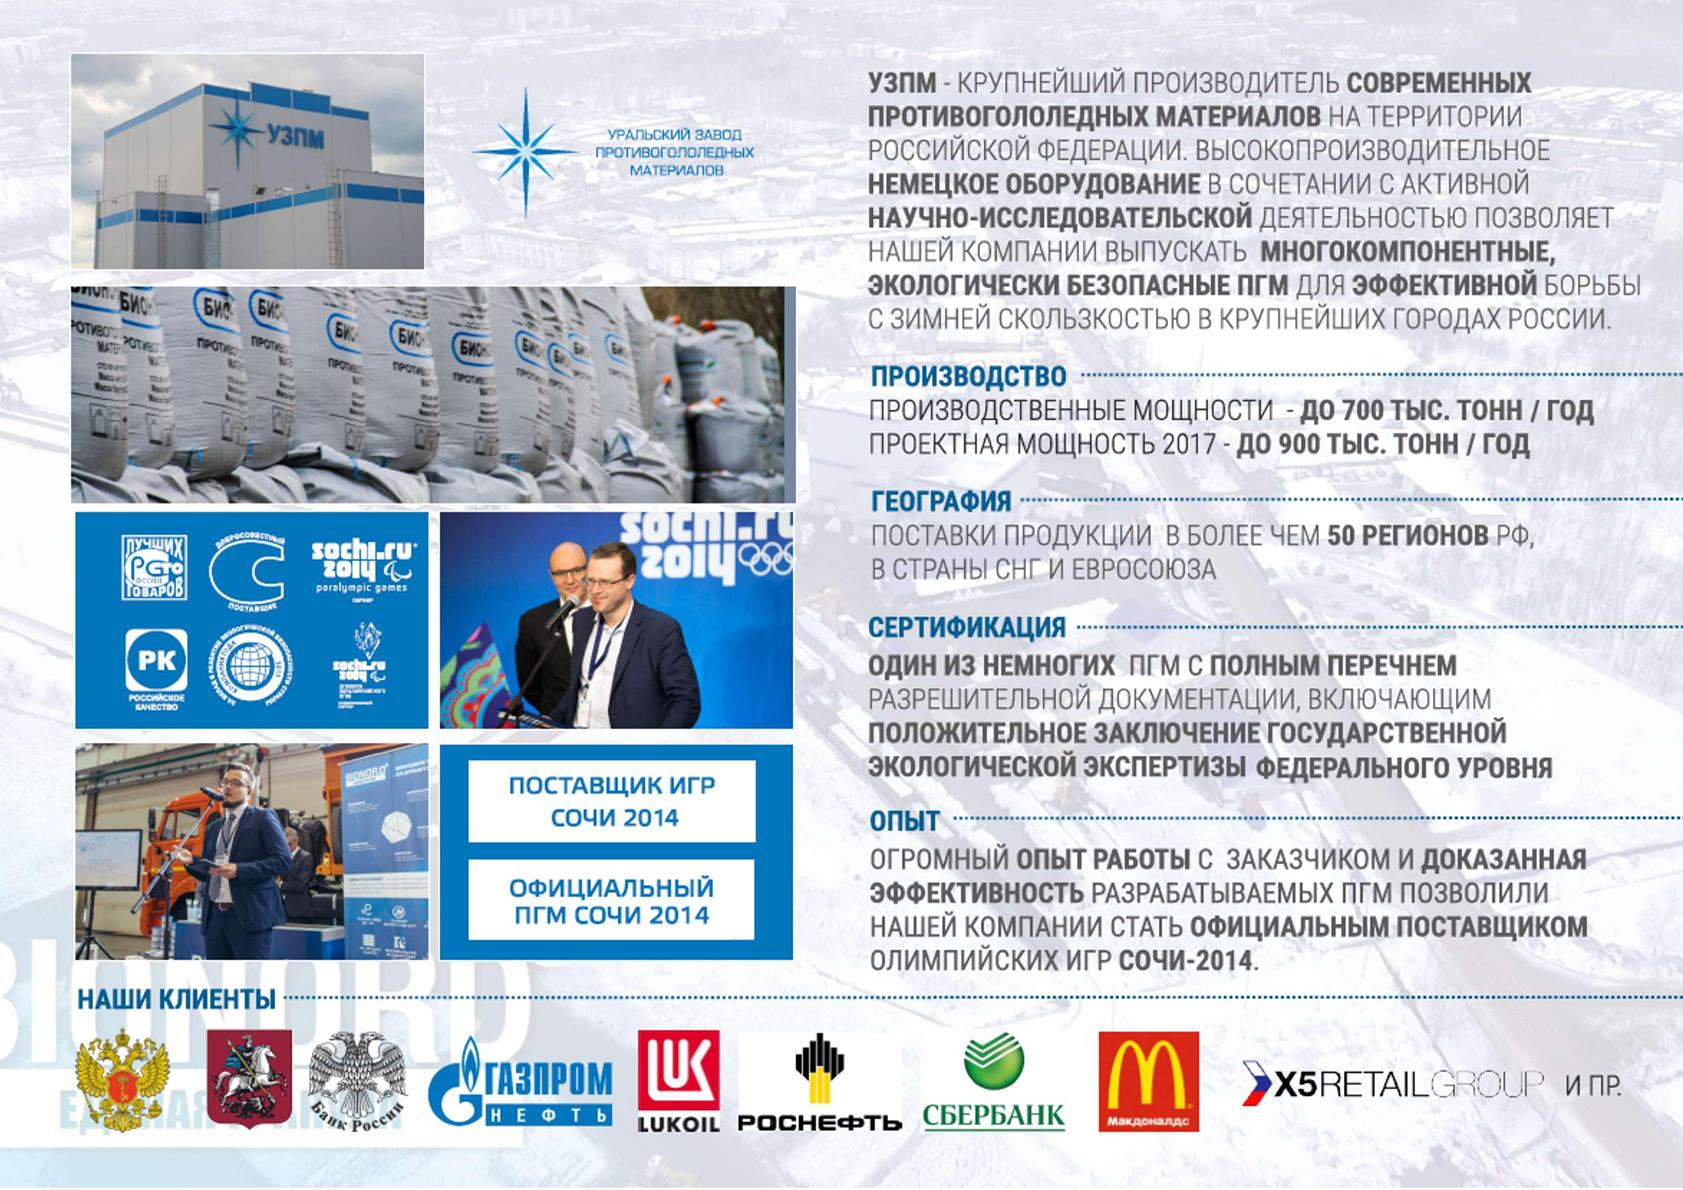 Уральский завод противогололёдных материалов